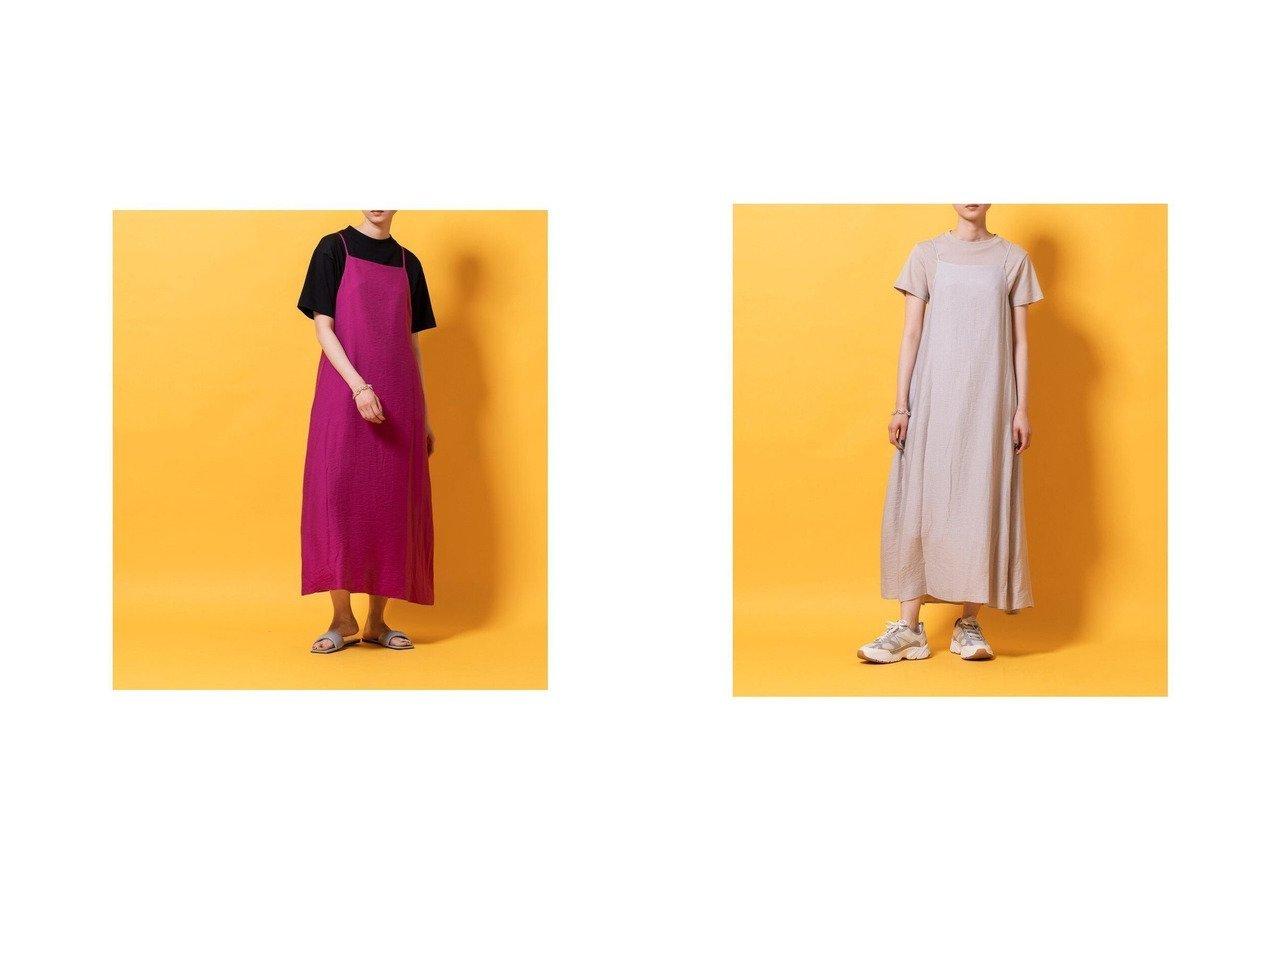 【lautreamont BLEU BLANC/ロートレアモン ブルー ブラン】の麻混シャーリングキャミワンピース 【ワンピース・ドレス】おすすめ!人気、トレンド・レディースファッションの通販 おすすめで人気の流行・トレンド、ファッションの通販商品 インテリア・家具・メンズファッション・キッズファッション・レディースファッション・服の通販 founy(ファニー) https://founy.com/ ファッション Fashion レディースファッション WOMEN ワンピース Dress キャミワンピース No Sleeve Dresses 2021年 2021 2021春夏・S/S SS/Spring/Summer/2021 S/S・春夏 SS・Spring/Summer インナー キャミ コンパクト シャーリング パターン 春 Spring |ID:crp329100000046226